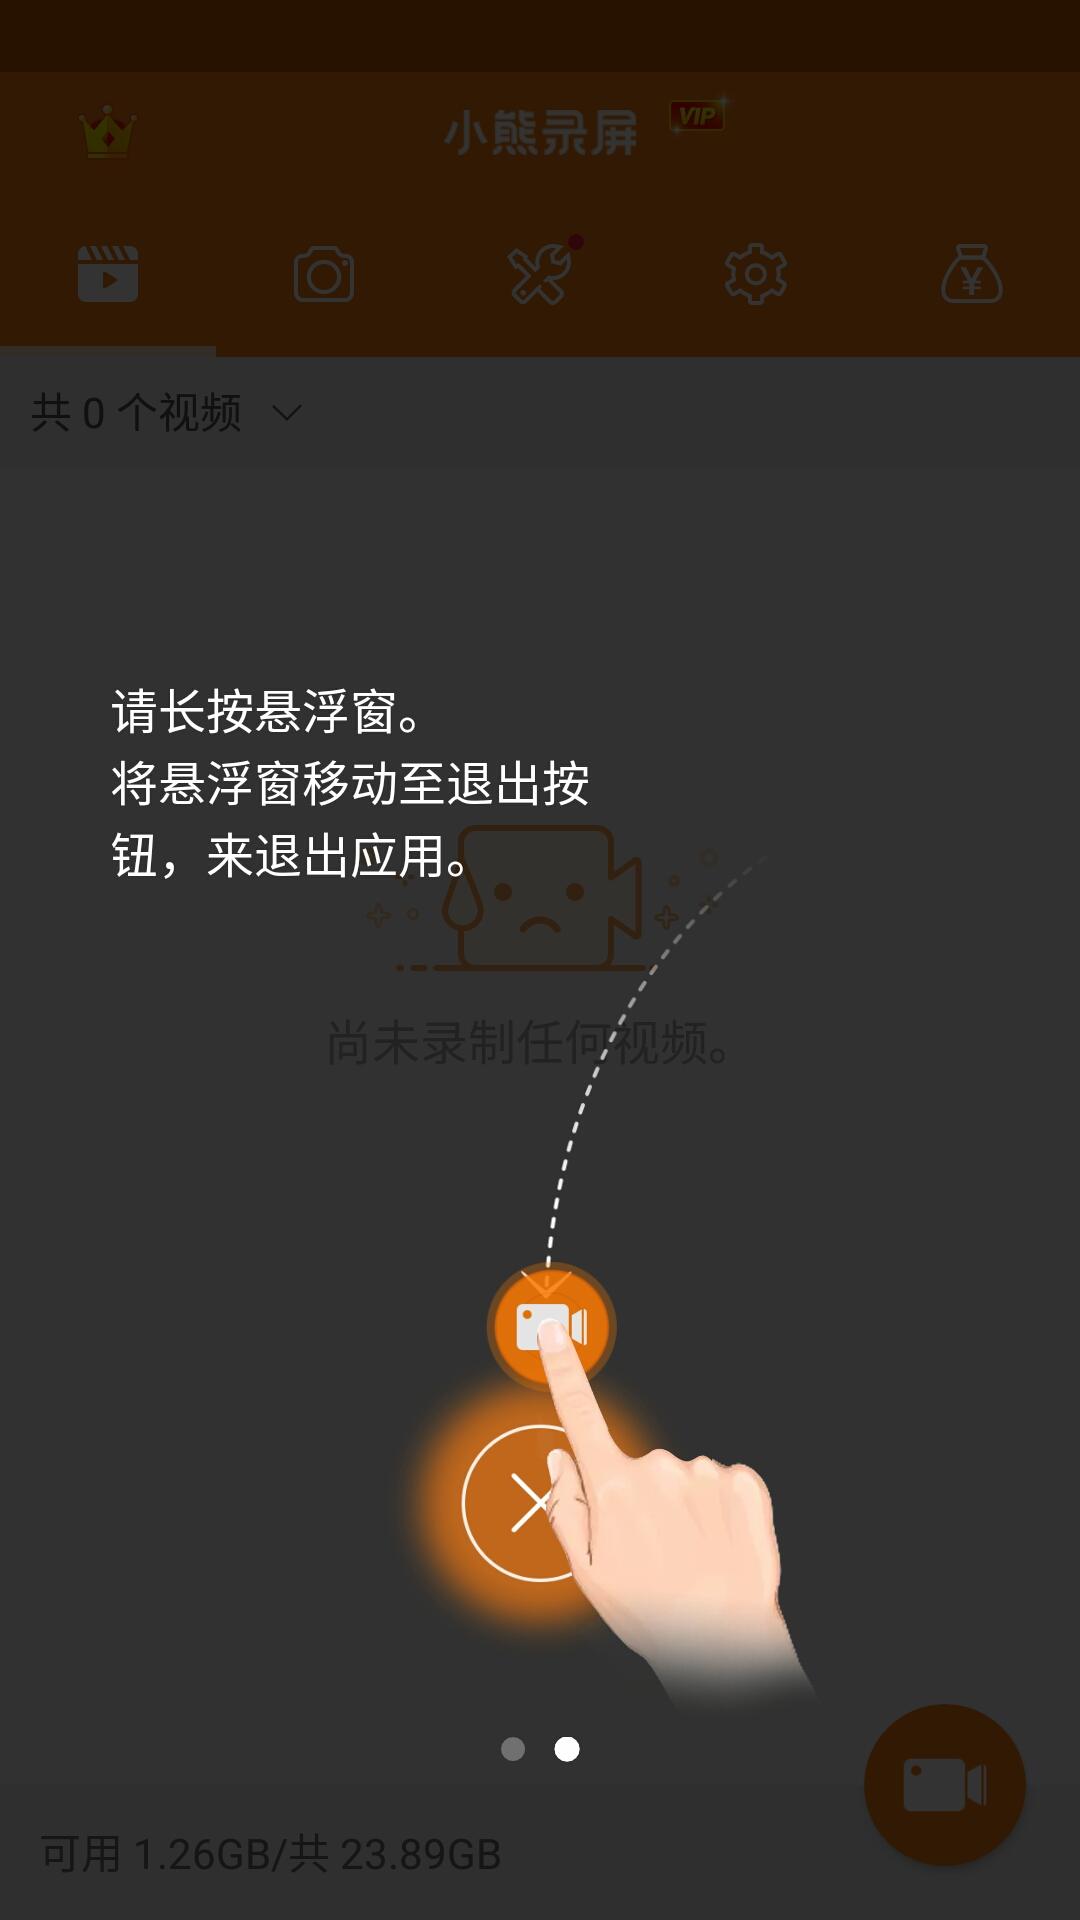 【资源分享】安卓小熊录屏去广告版V2.2.0 支持1080P录制-爱小助